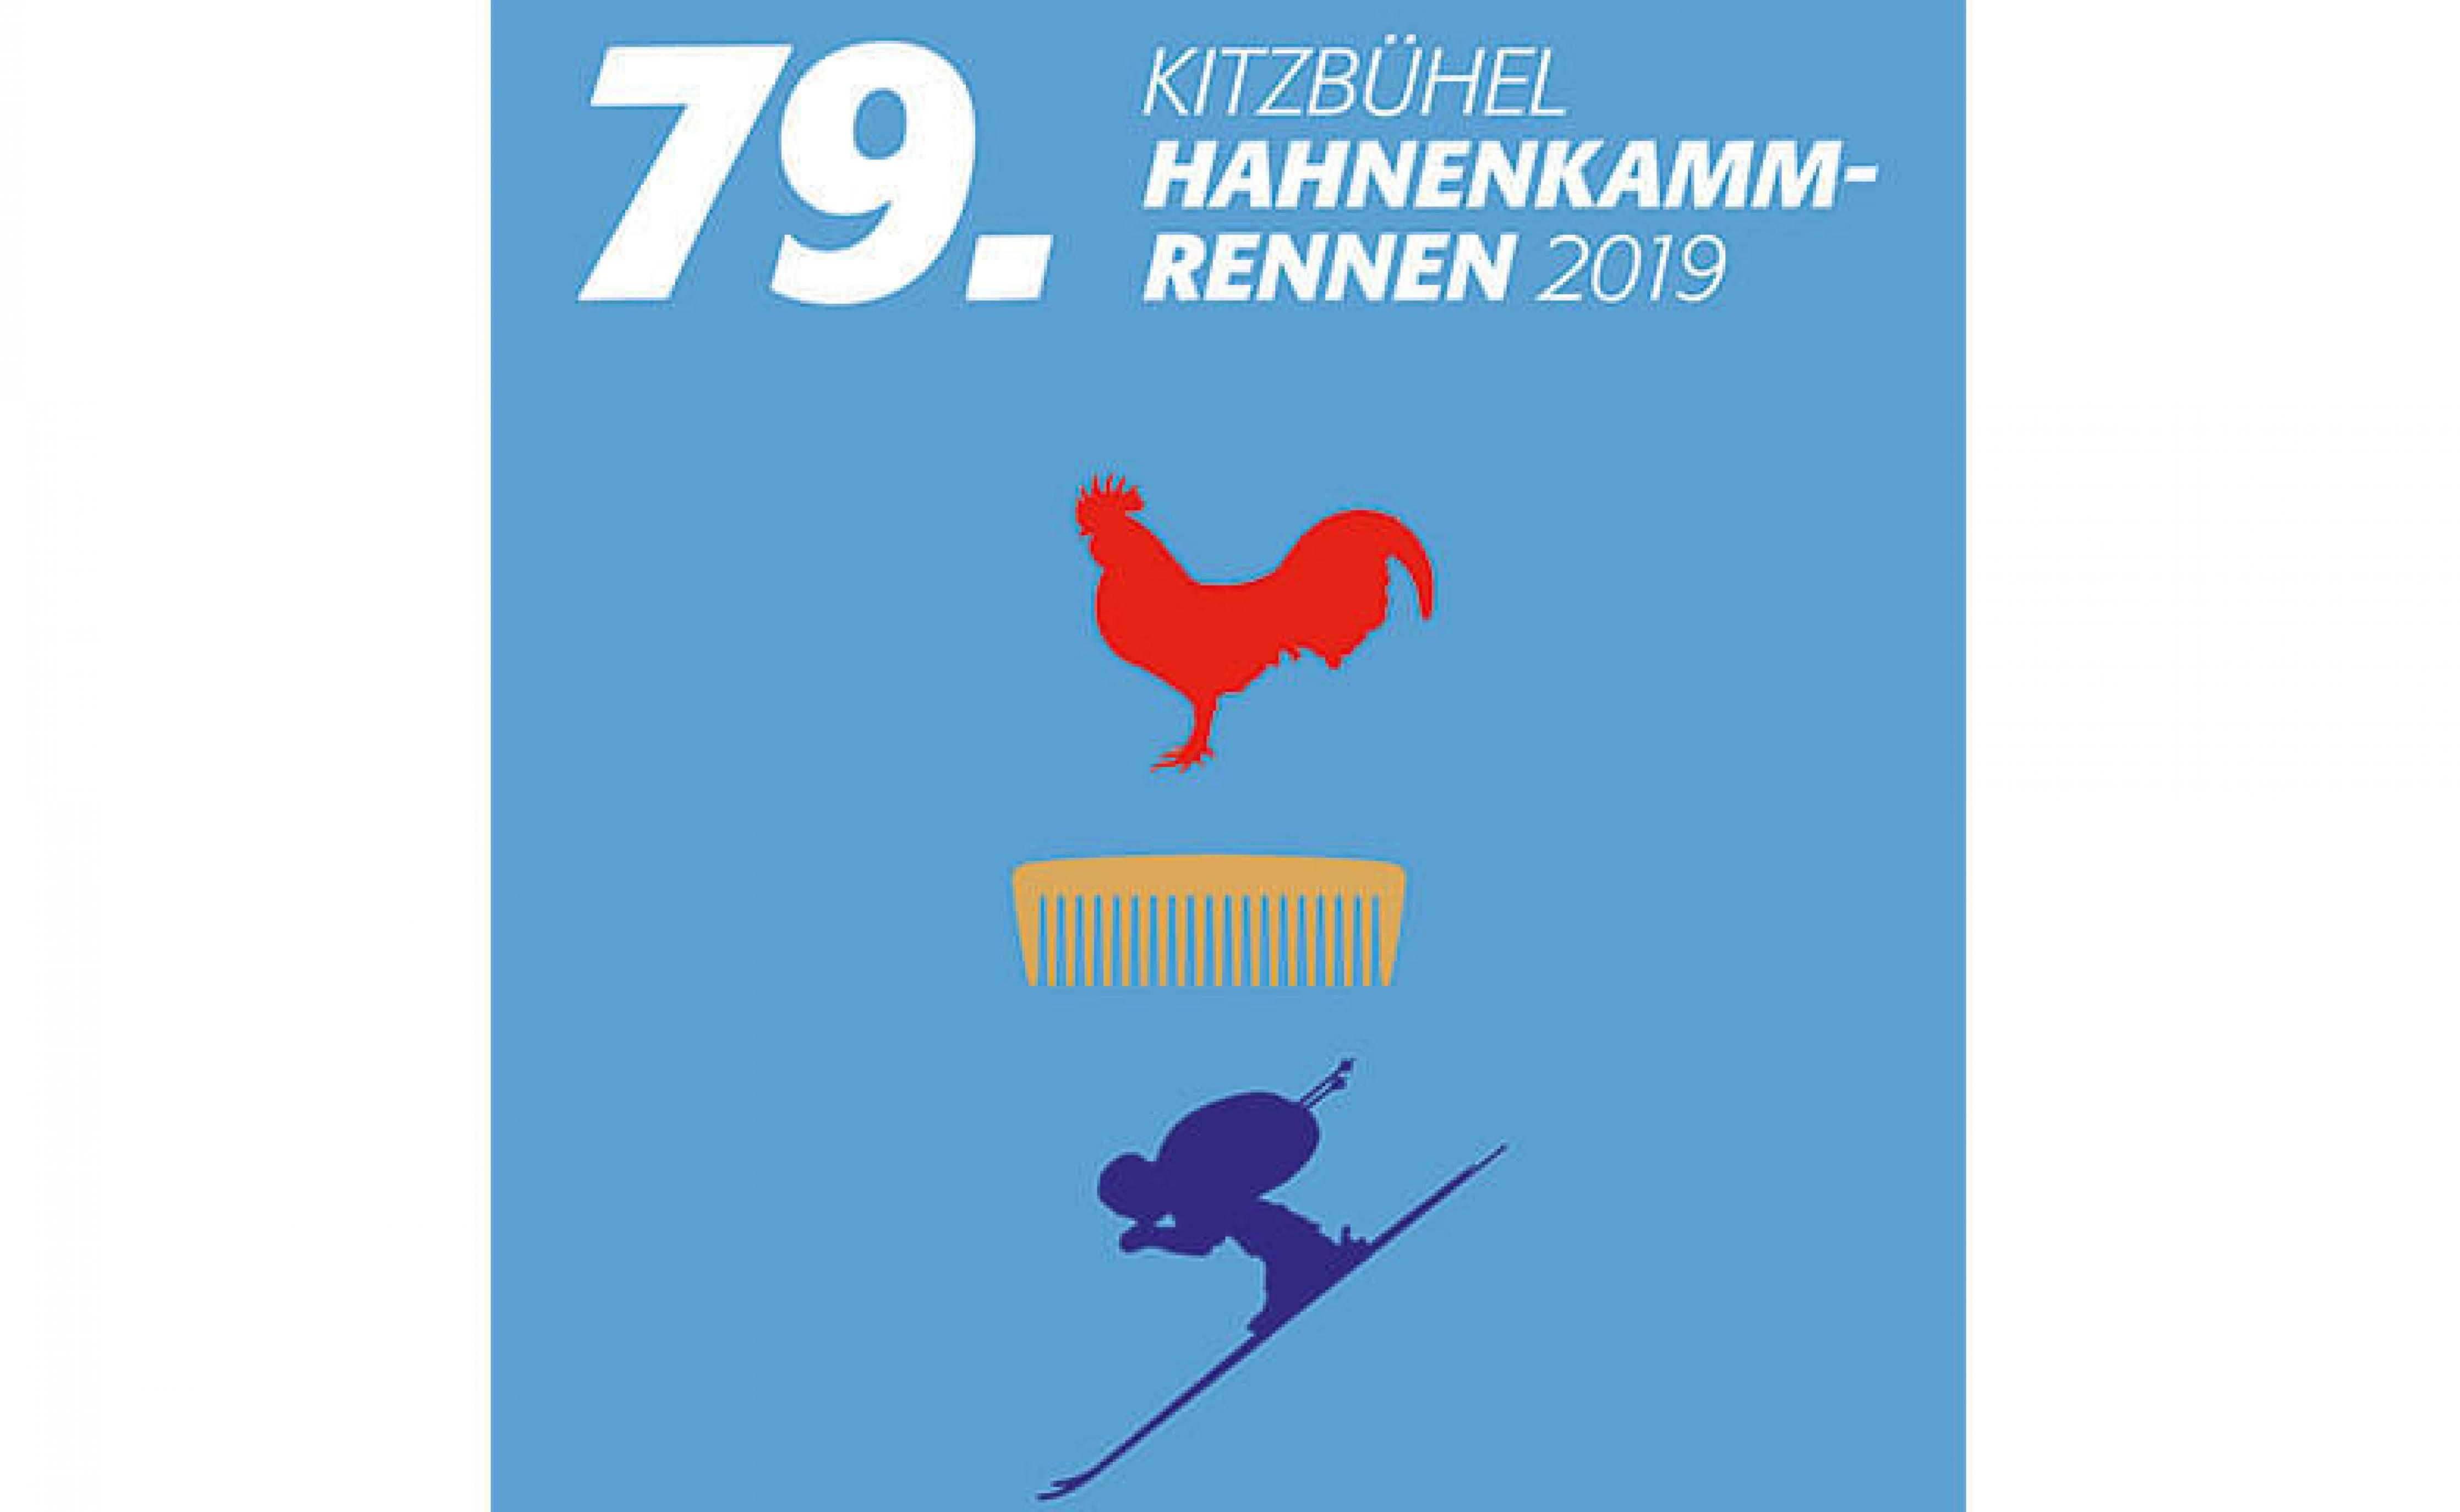 hahnenkamm rennen 2019